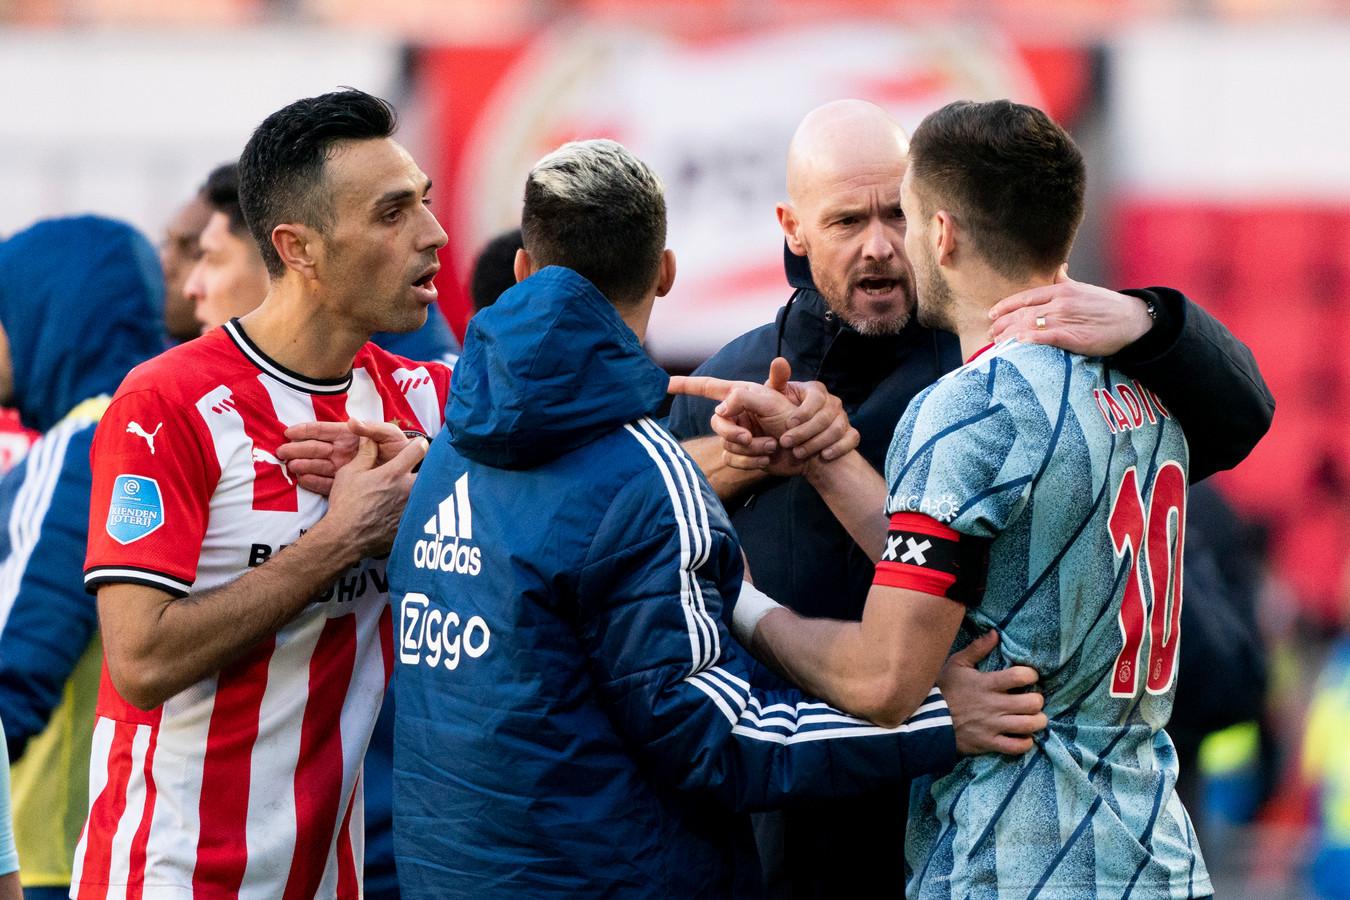 Erik ten Hag houdt zijn aanvoerder Dusan Tadic in bedwang.